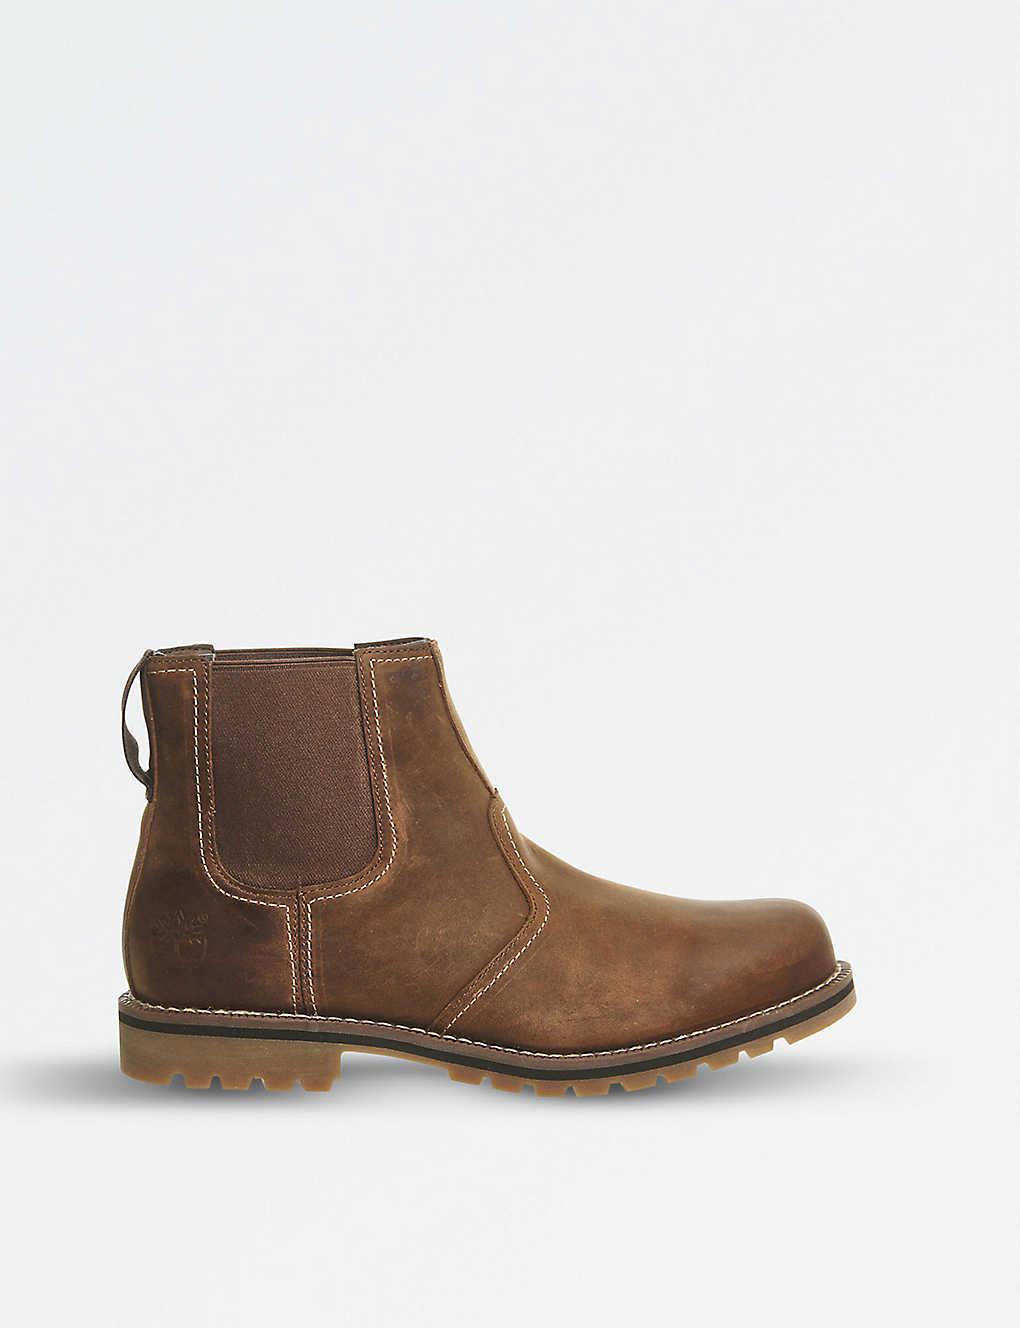 3a1d985e03 Larchmont leather chelsea boots - Oakwood suede ...